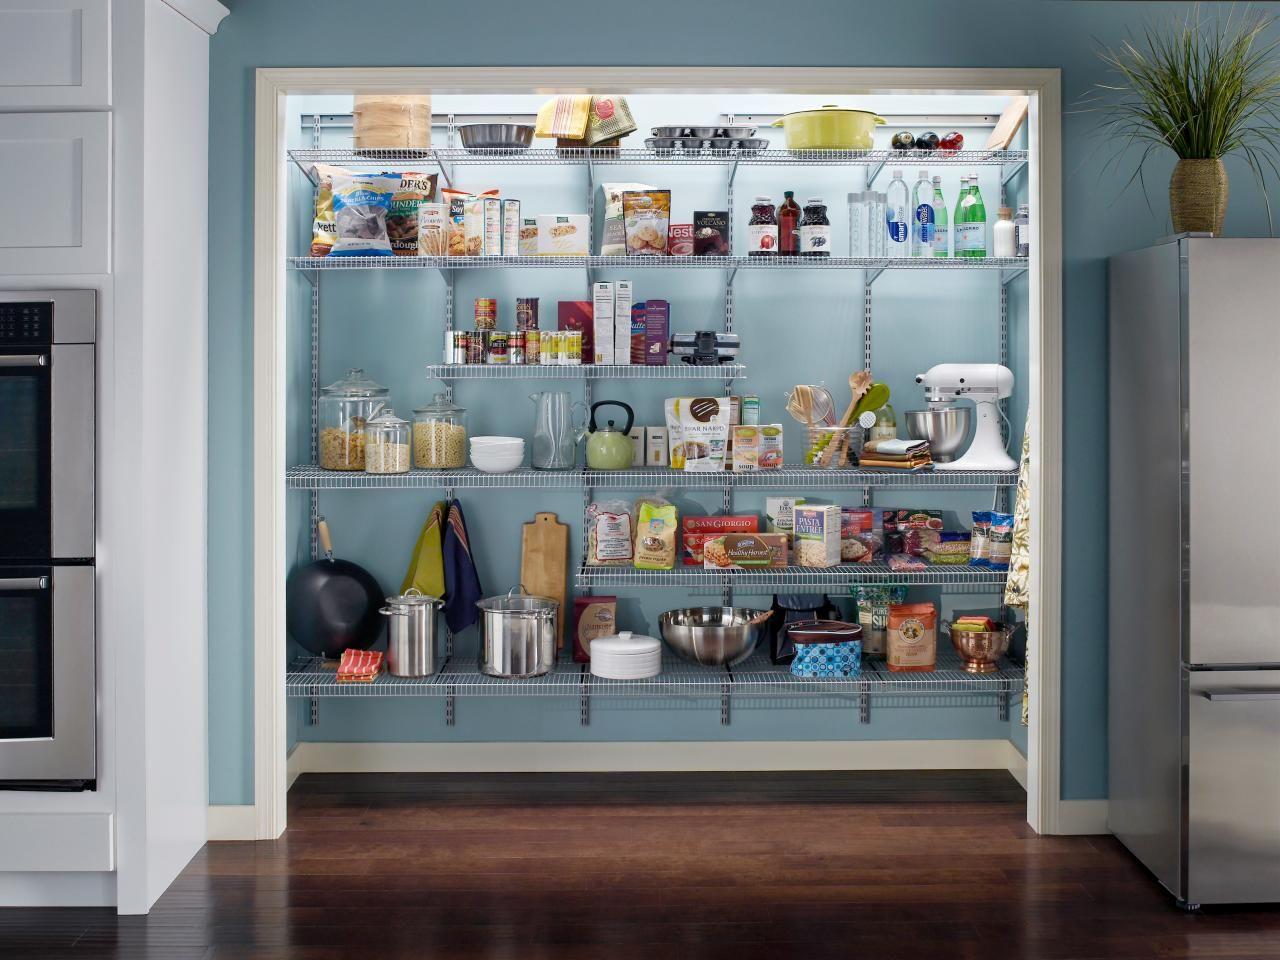 Full Size of Stengel Miniküche Wohnzimmer Tapeten Ideen Mit Kühlschrank Ikea Bad Renovieren Wohnzimmer Miniküche Ideen